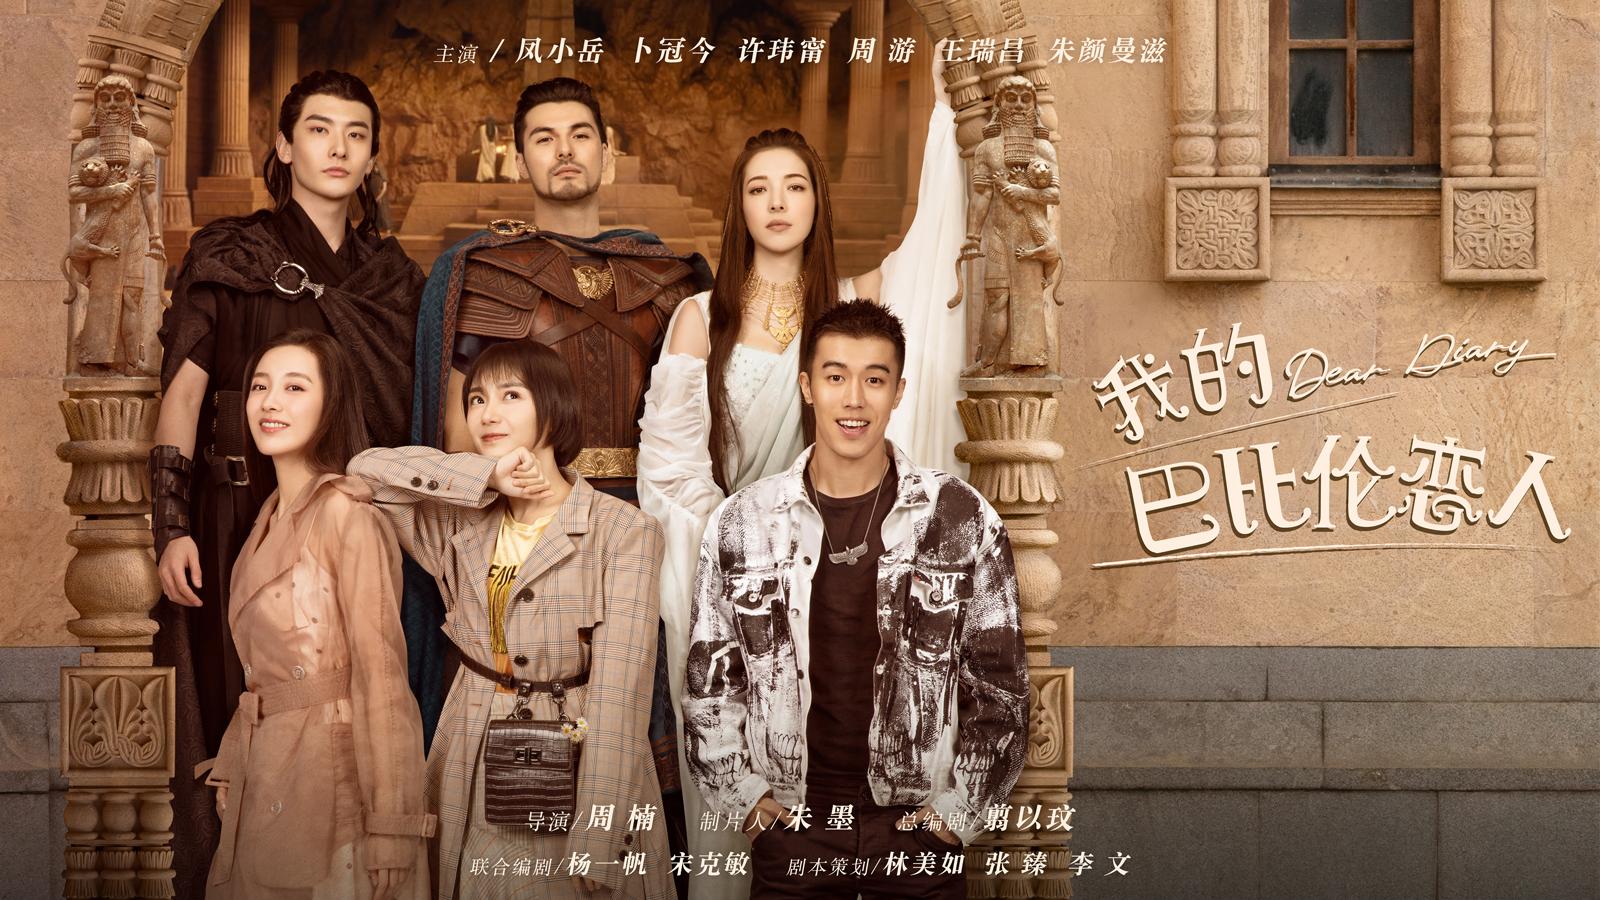 凤小岳、卜冠今主演《我的巴比伦恋人》定档9月27日